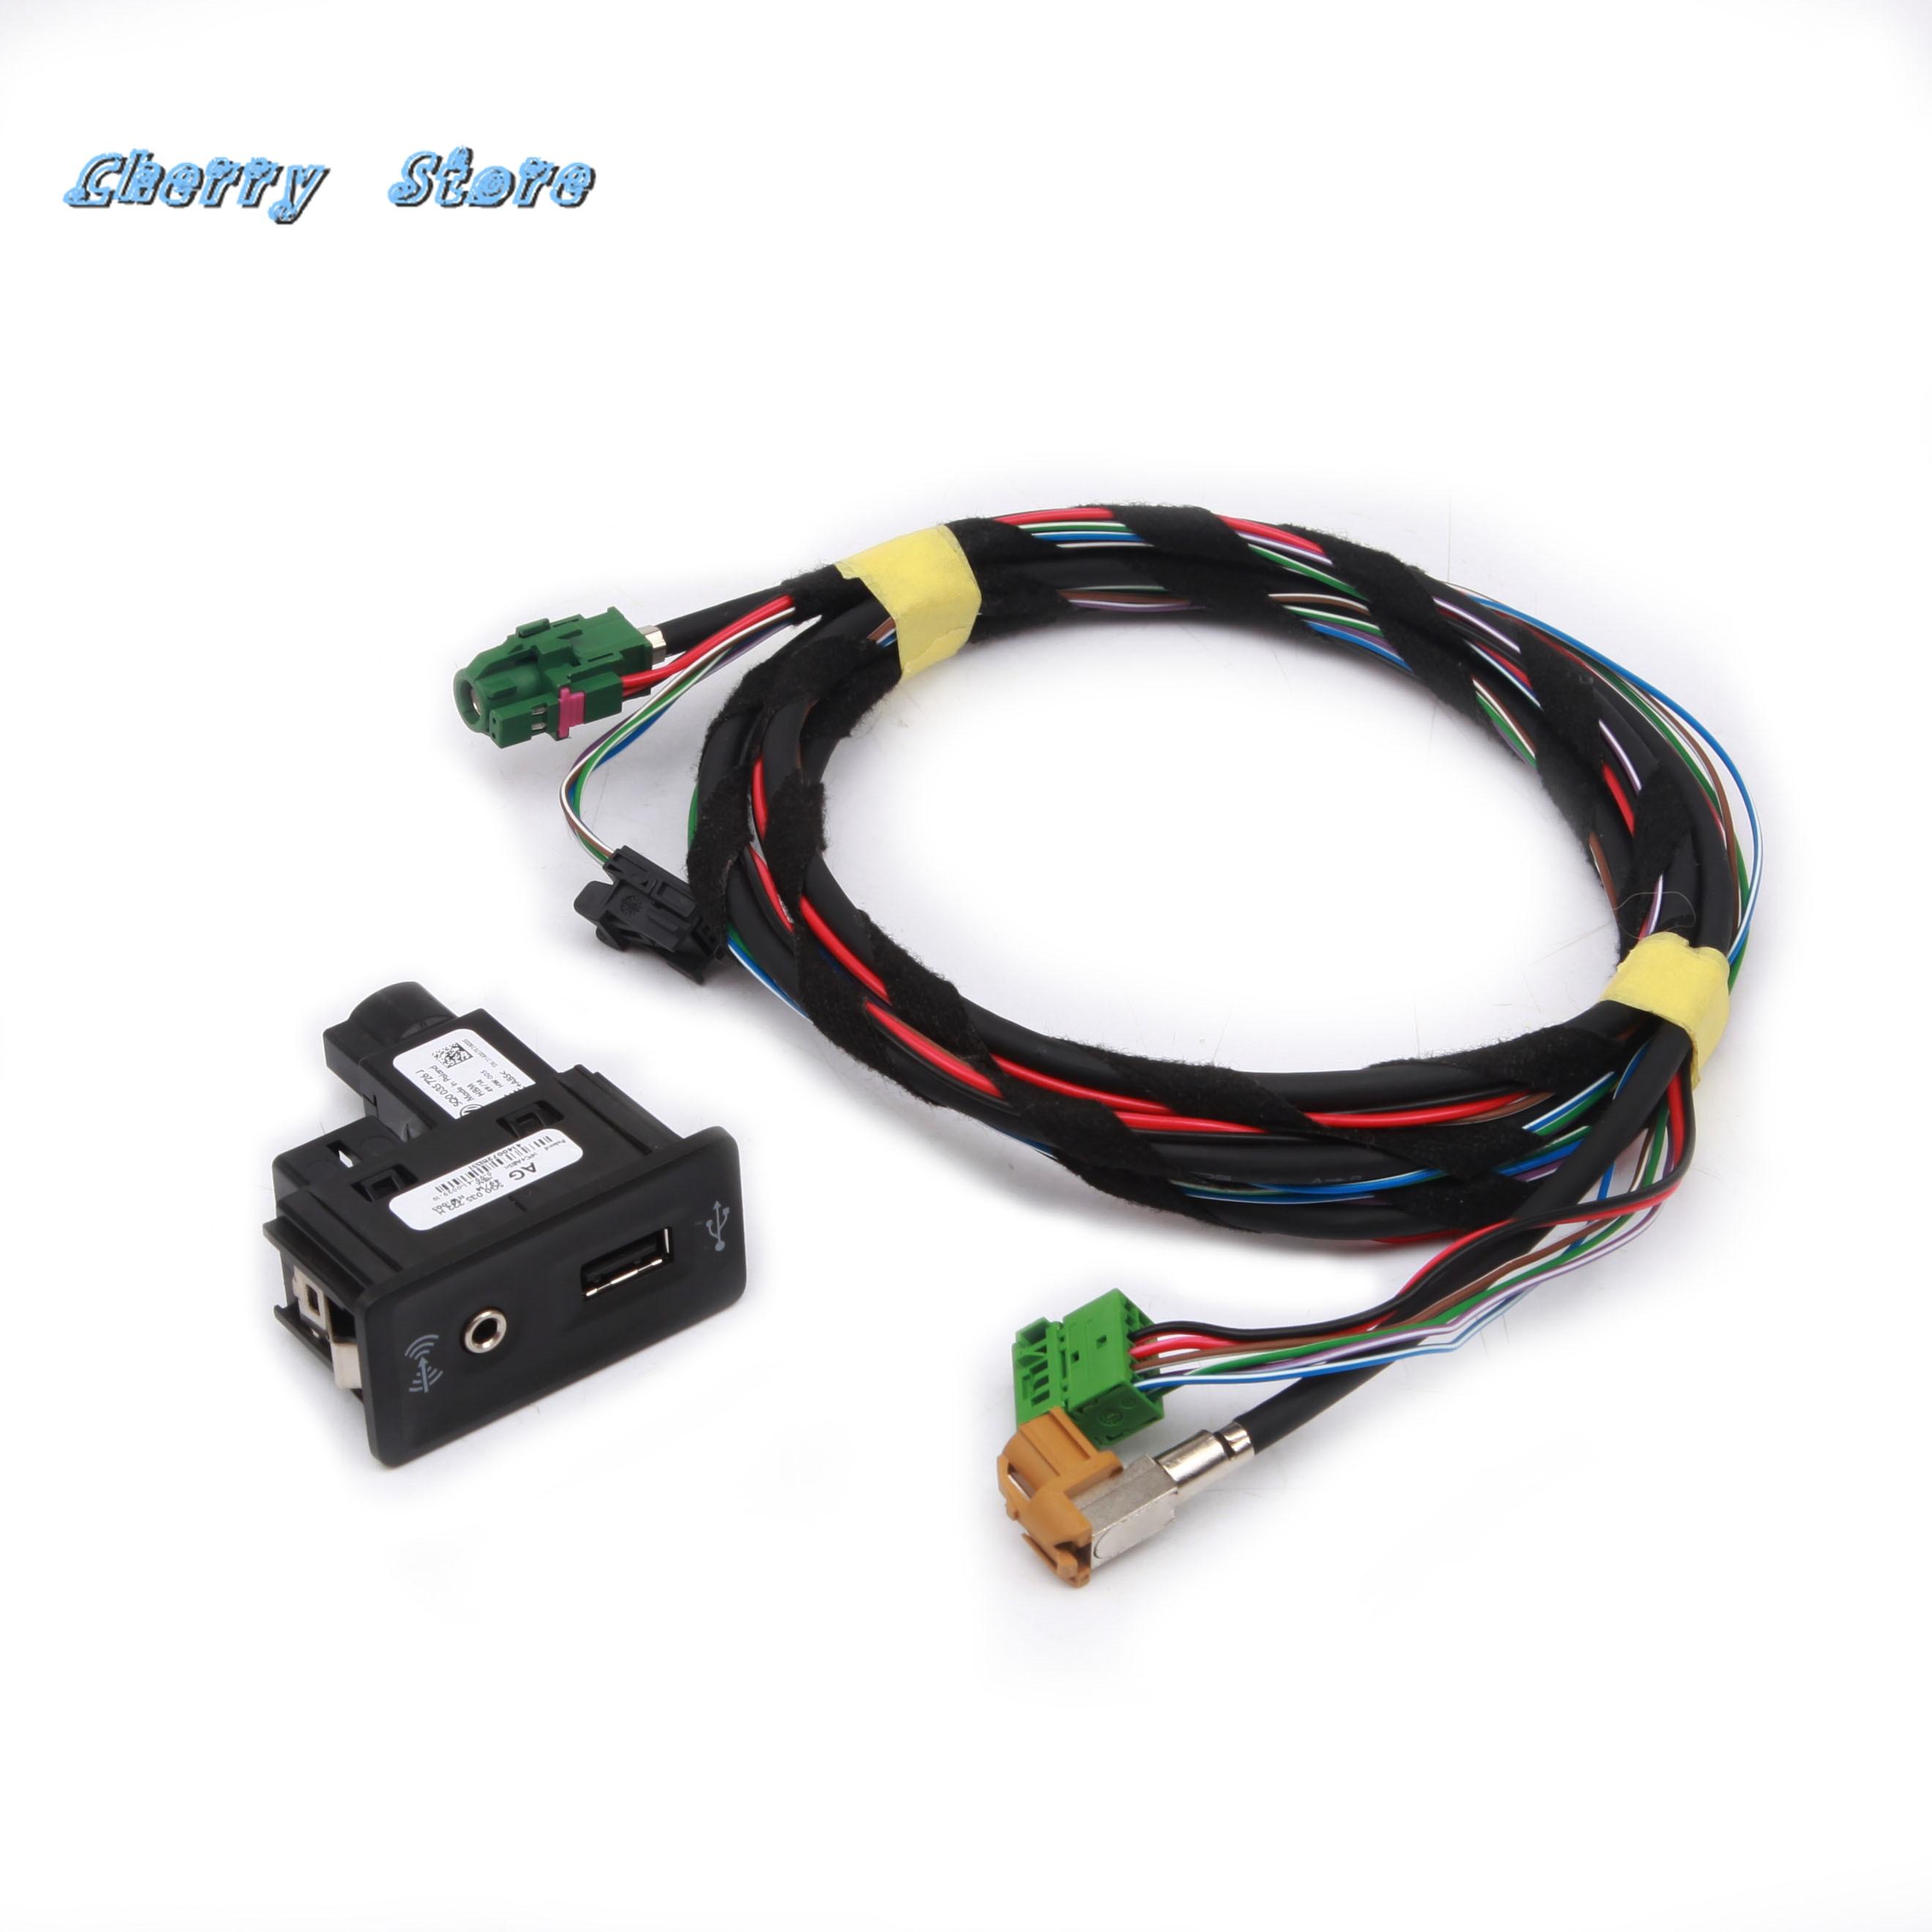 New 5G0 035 222 E Switch And Harness Set CarPlay MDI USB AMI Install Plug Socket For VW CC Golf  Jetta Passat Seat 5Q0 035 726 E